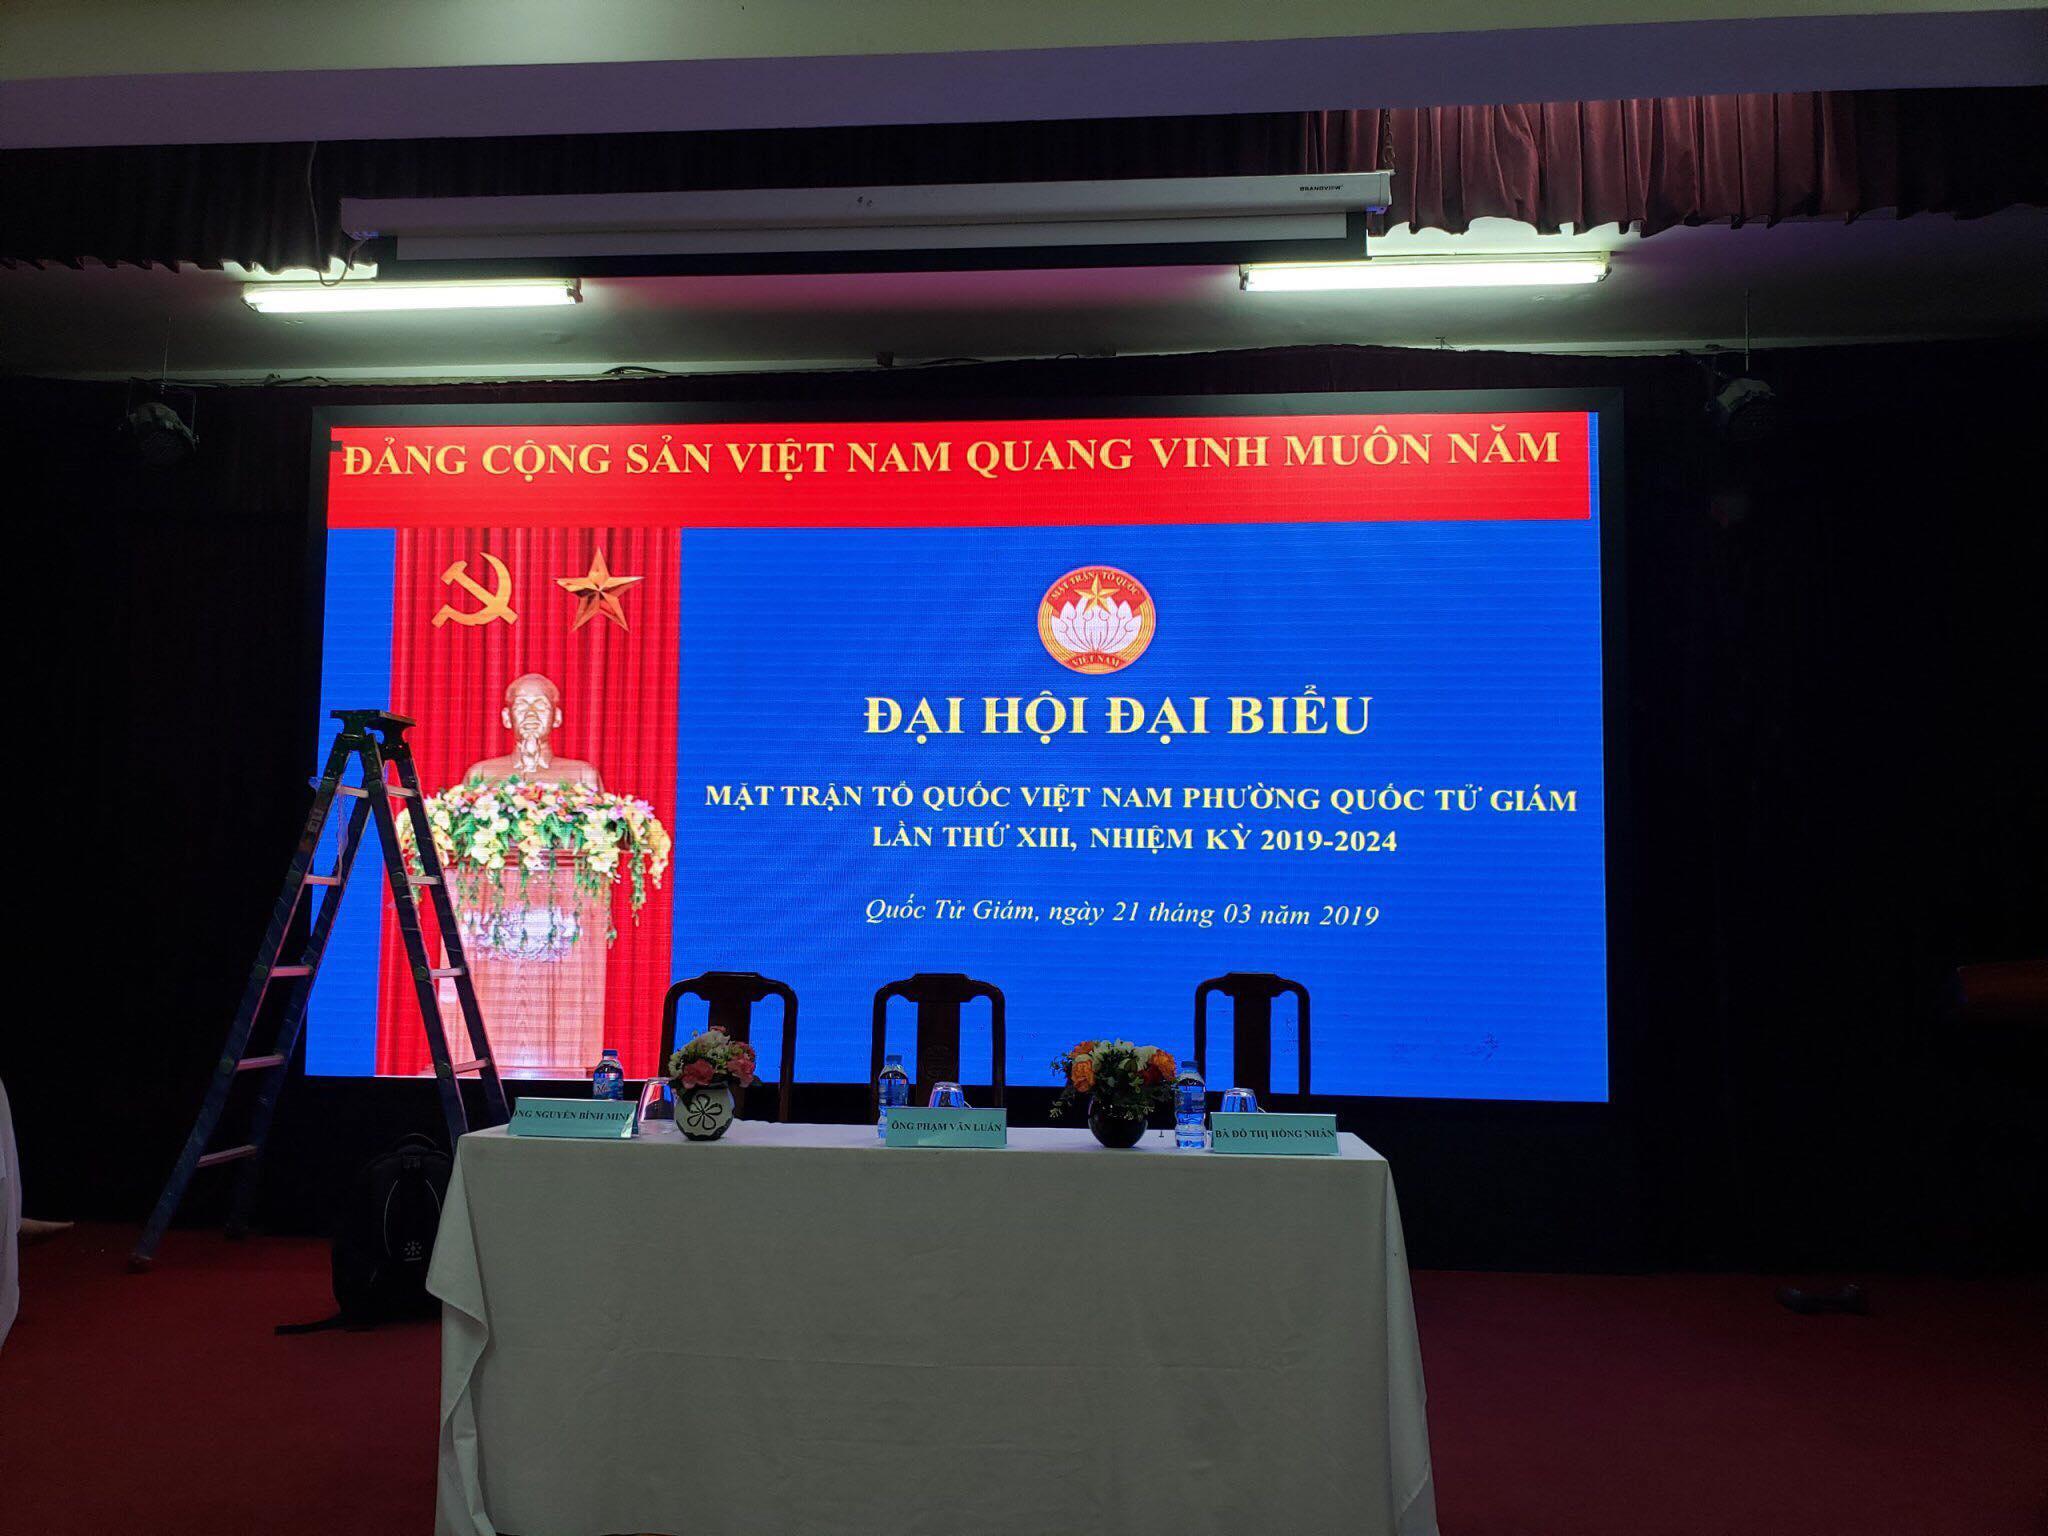 Màn hình LED- thiết bị mới của Hội nghị truyền hình